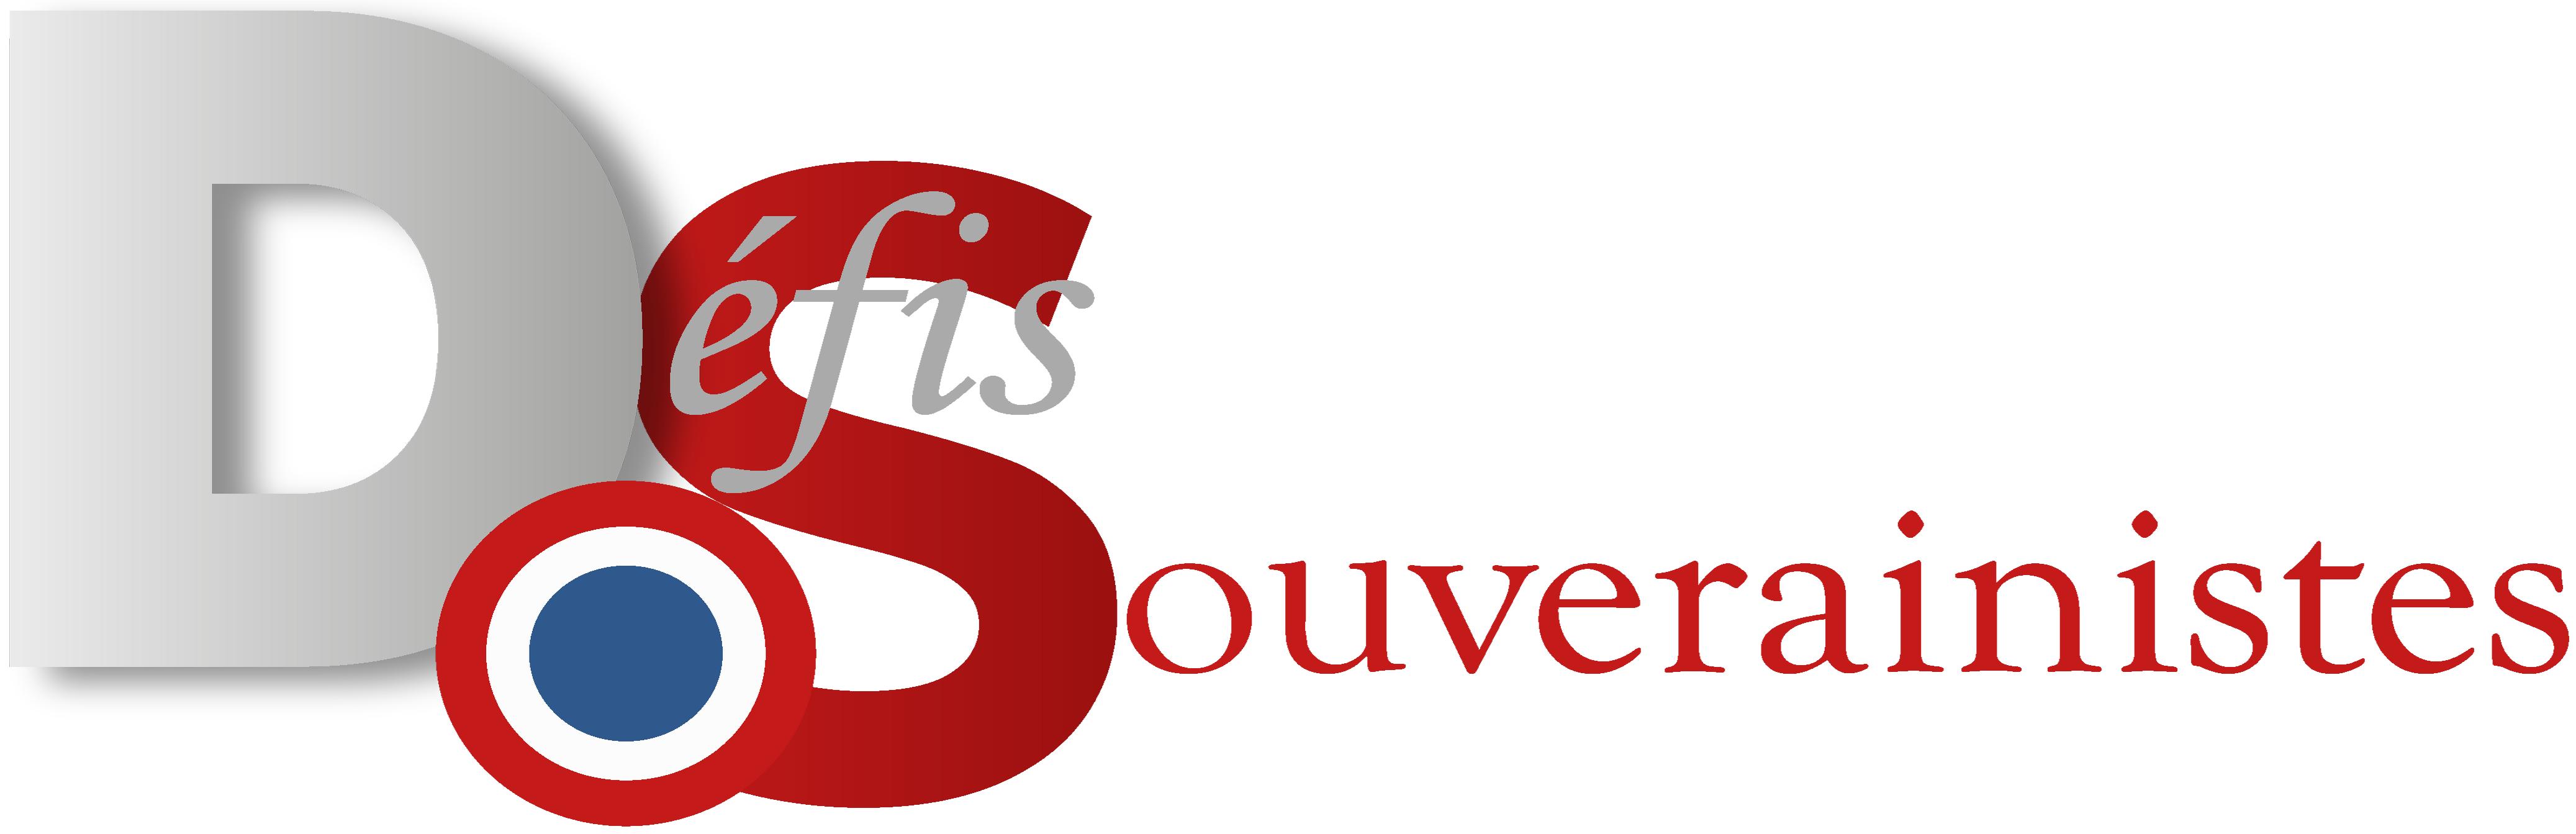 Défis souverainistes